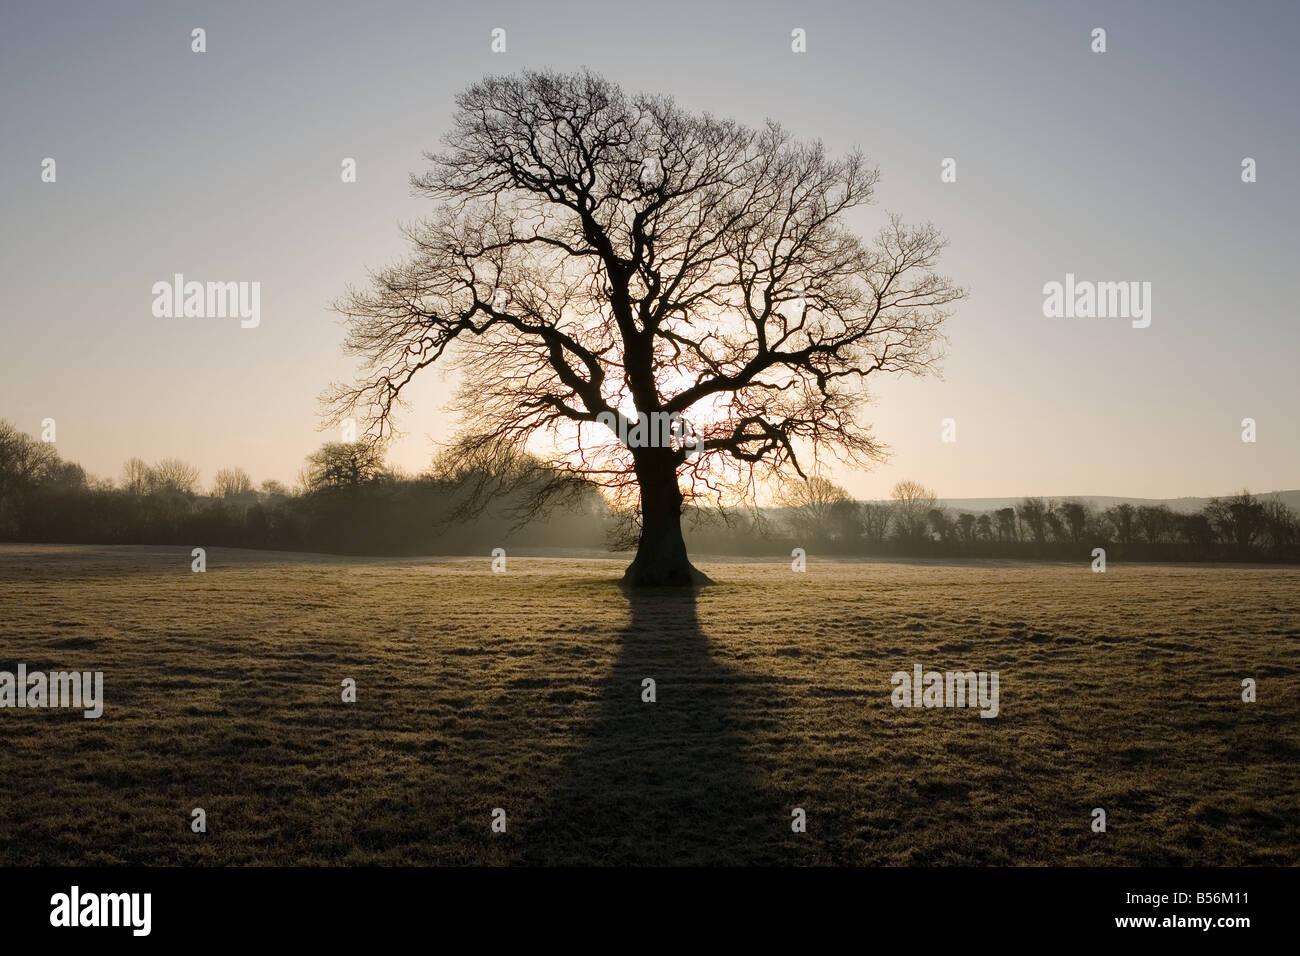 Oak tree in winter - Stock Image